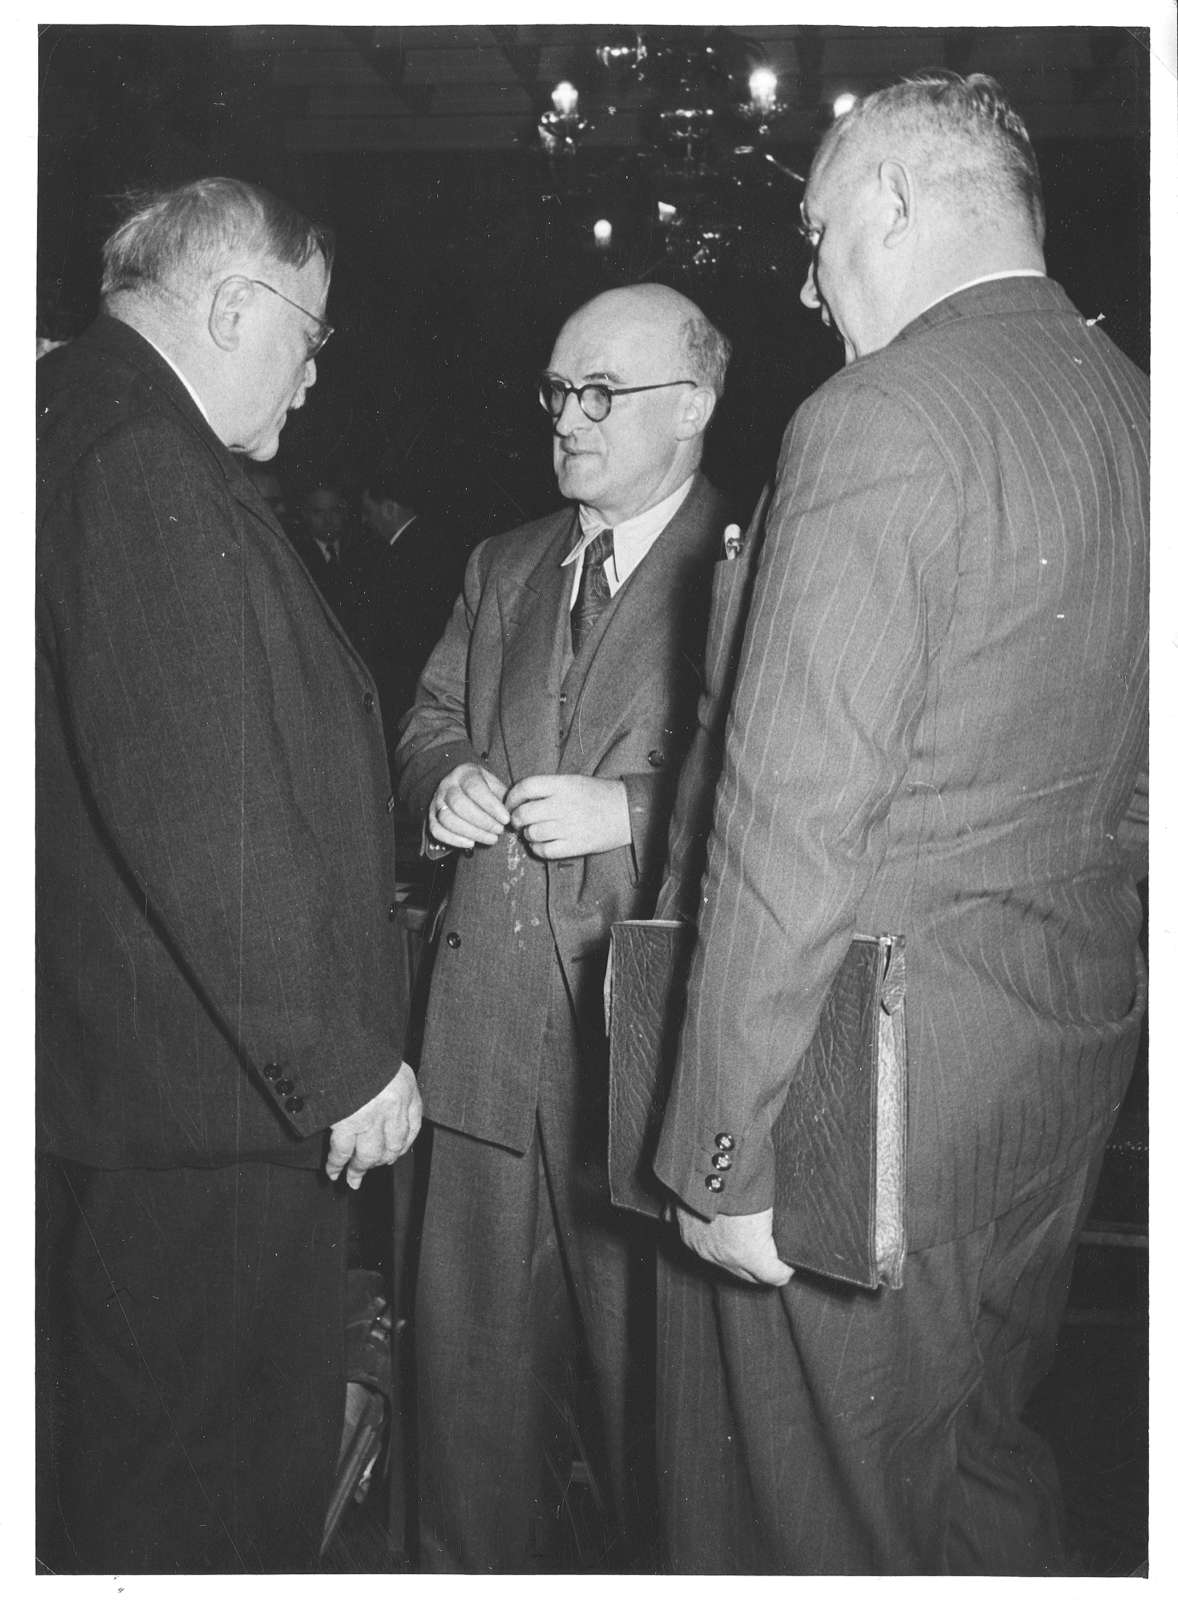 Album mit Fotos vor allem von Ereignissen aus dem politischen und öffentlichen Leben 1950-1953, Bild 3